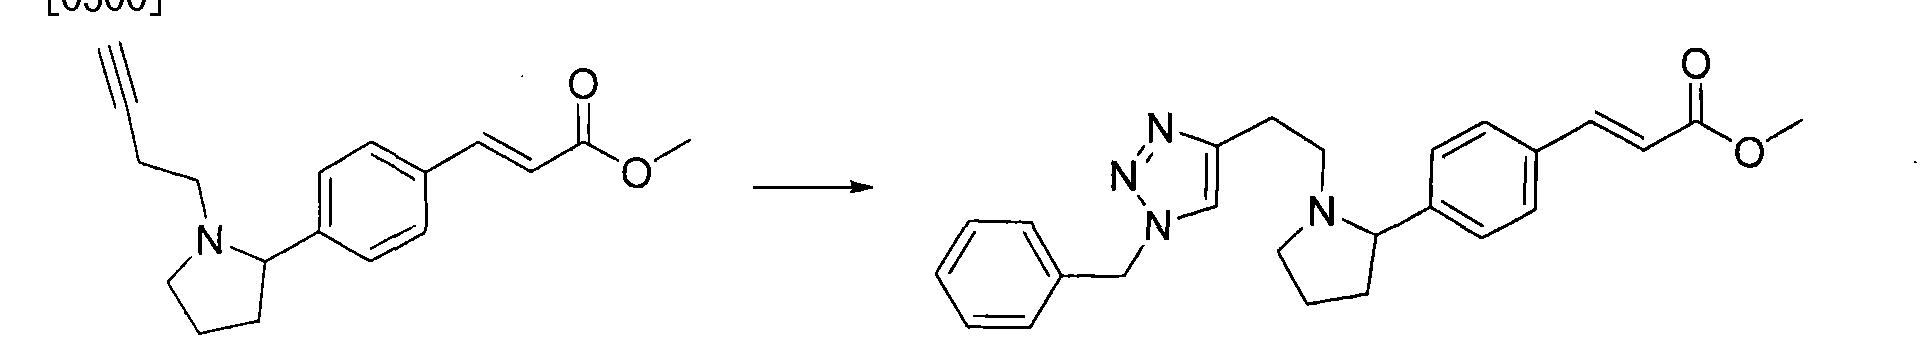 Figure CN102036955BD00812